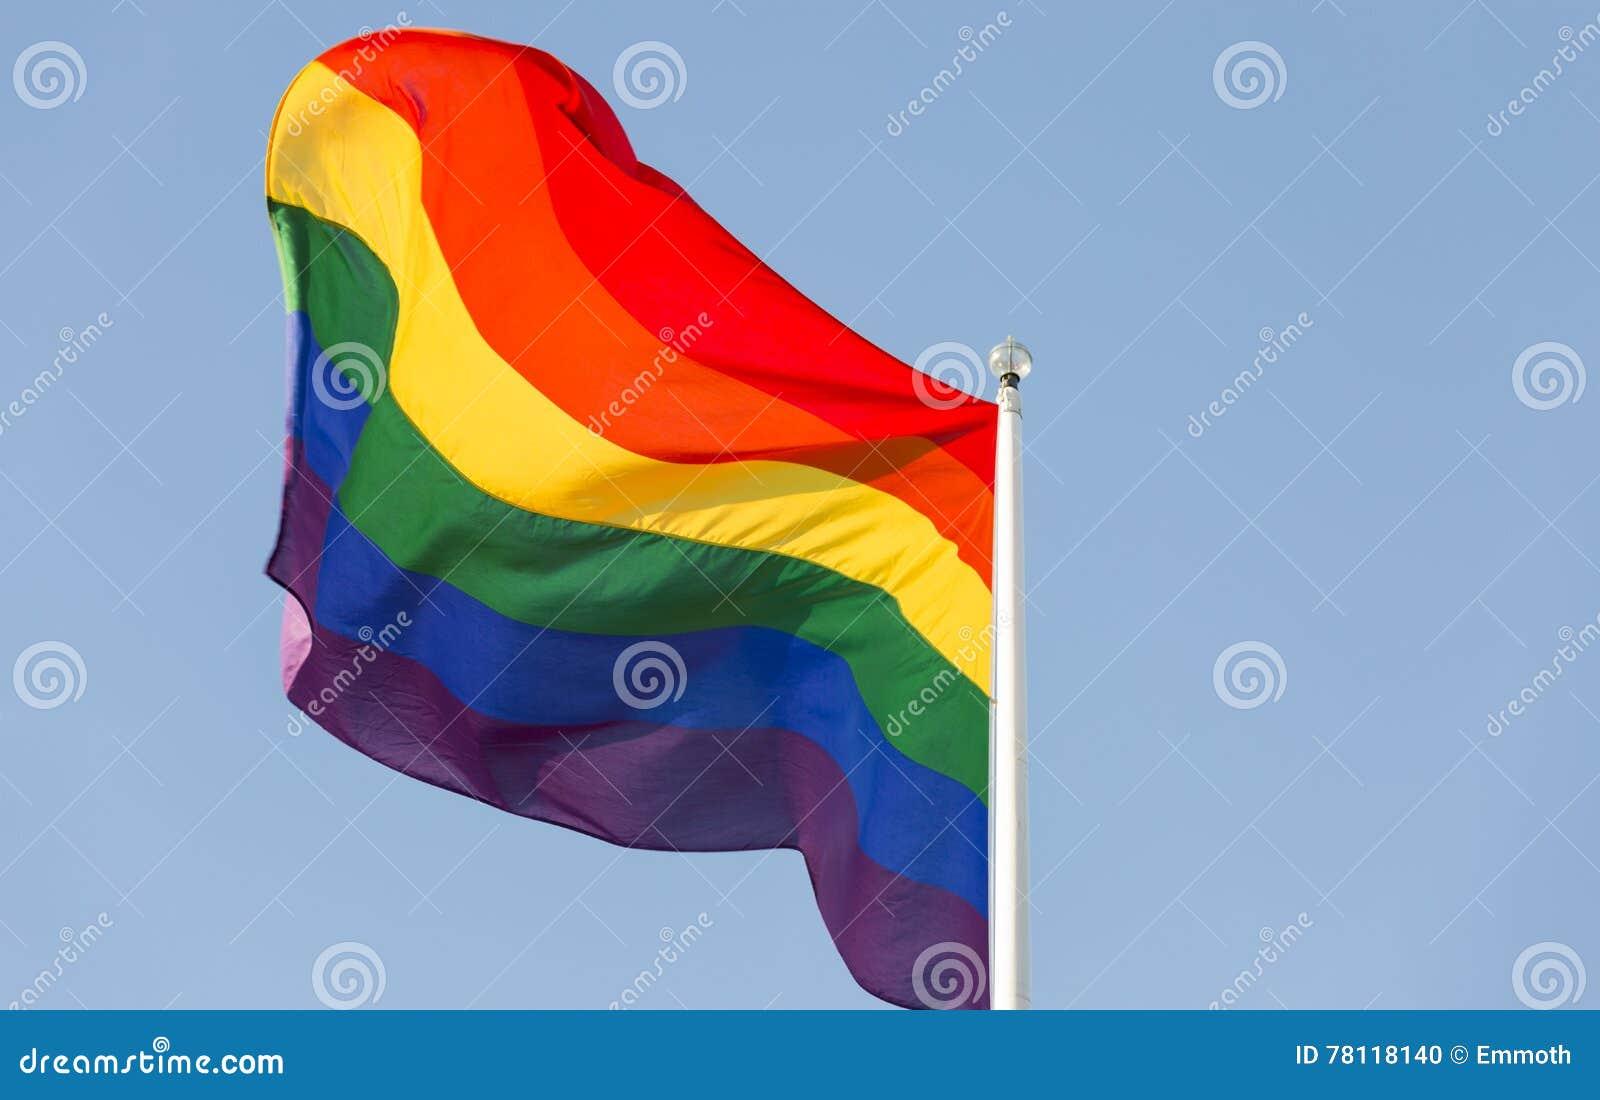 在旗杆的彩虹旗子